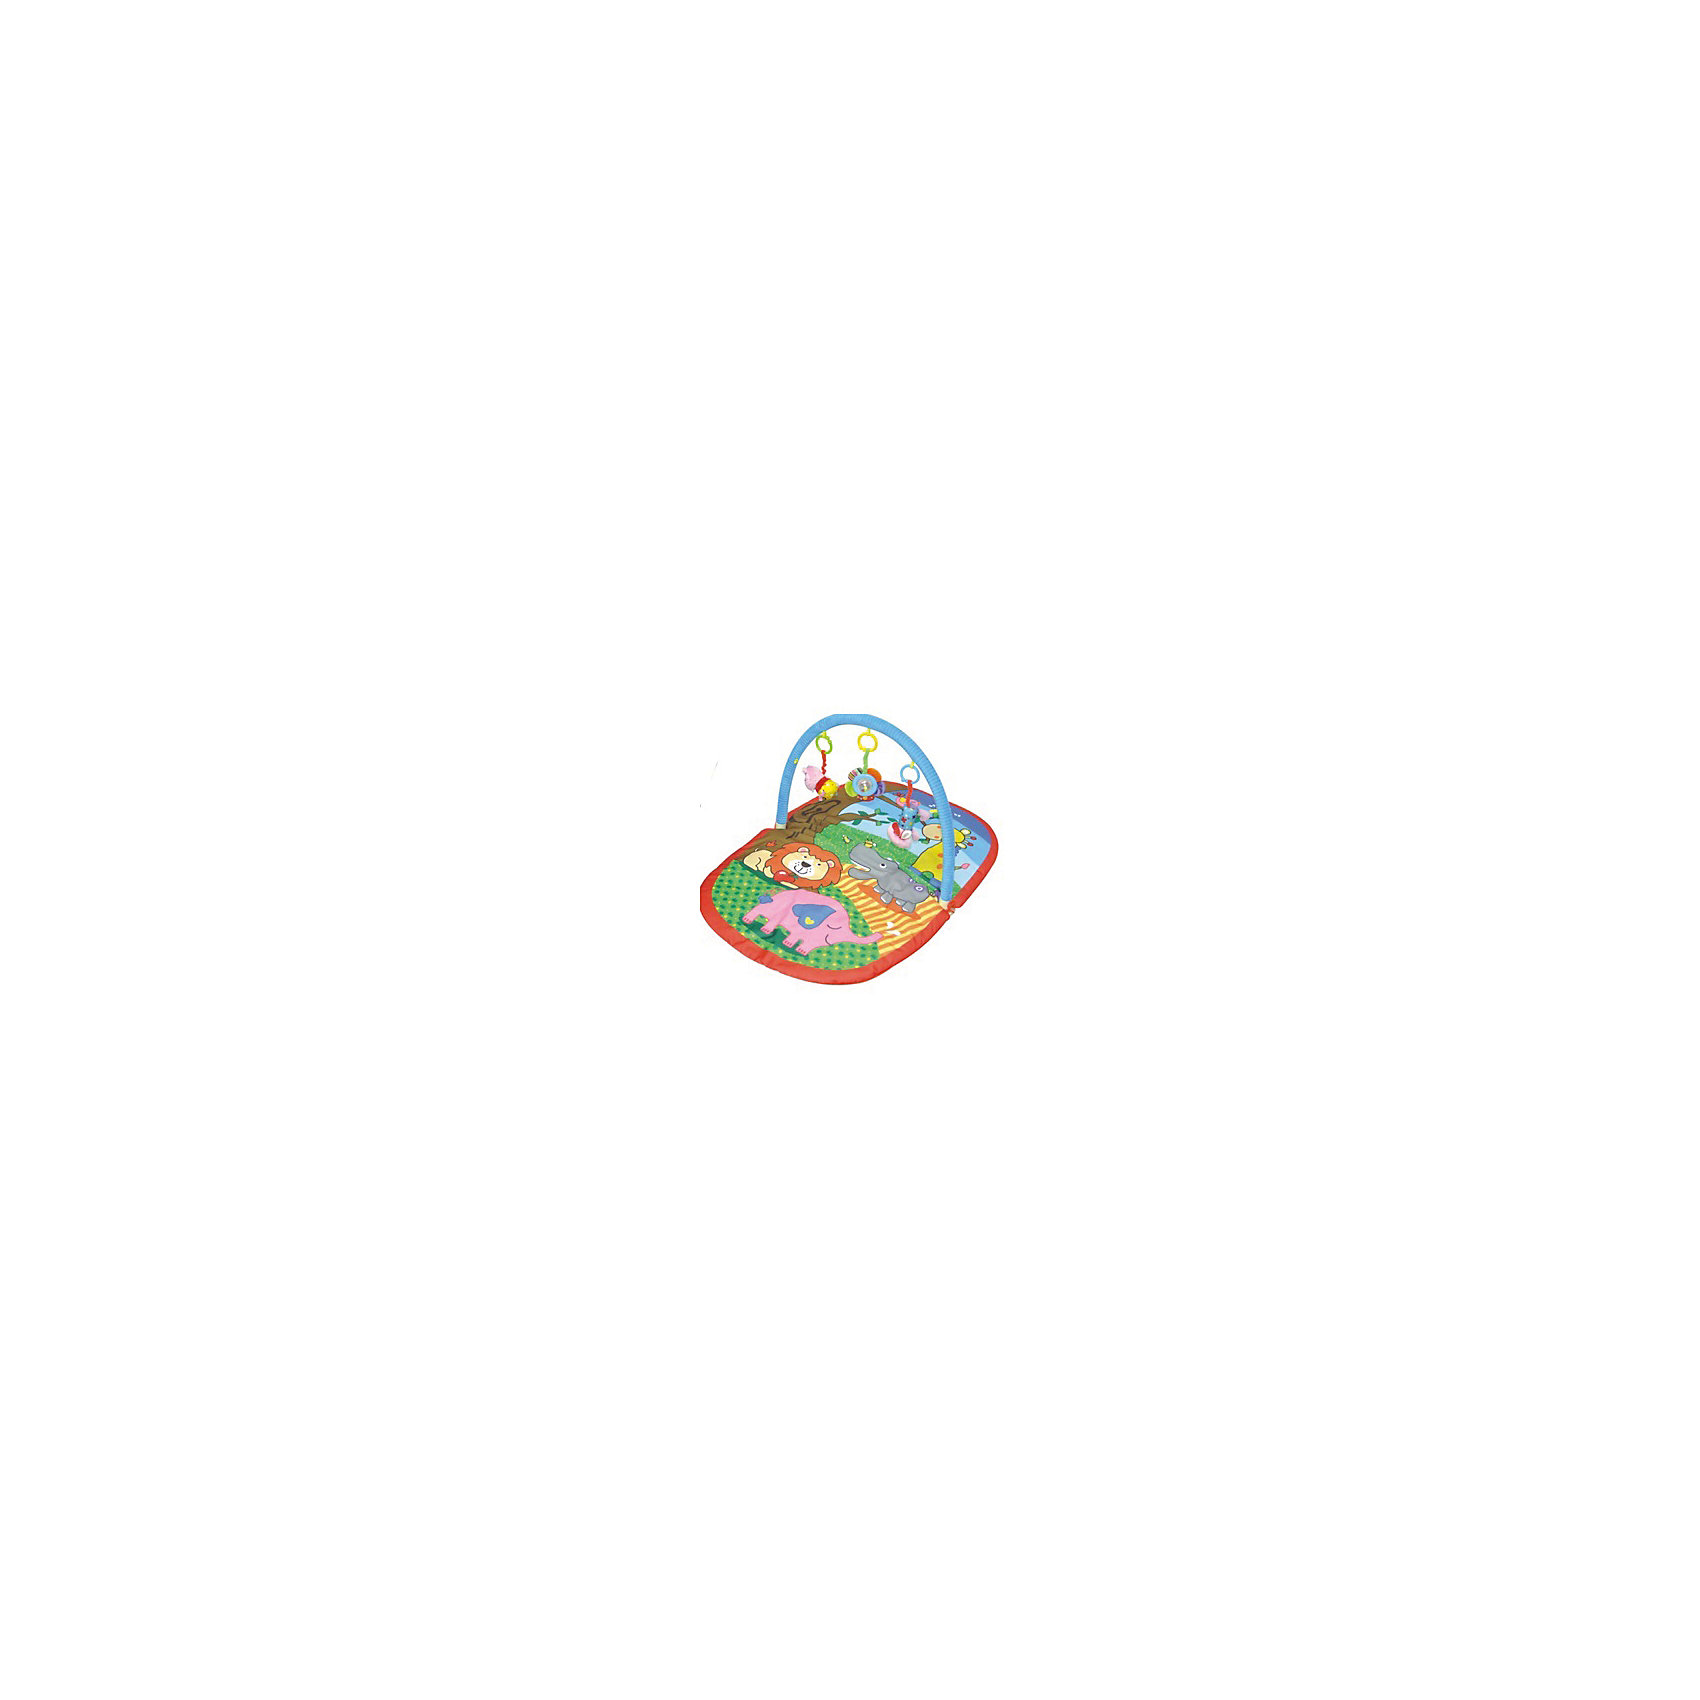 Развивающий коврик Африка, ParkfieldИгрушки для малышей<br>Яркий развивающий коврик обязательно привлечет внимание малышей, надолго их заинтересует и поможет развить моторику, хватательный рефлекс и цветовосприятие. Коврик имеет дугу, на которой расположены очаровательные игрушки. Подвески выполнены из материалов различных фактур, благодаря чему ваш кроха сможет развить тактильные ощущения, играя с ними. Коврик выполнен из высококачественных материалов, в производстве изделия использованы только качественные безопасные для детей красители. Коврик компактно складывается, удобен в хранении и транспортировке.<br><br>Дополнительная информация:<br><br>- Материал: пластик, текстиль.<br>- Комплектация: коврик с одной дугой, 3 подвески (зеркальце, игрушка-погремушка, мягкая игрушка).<br>- Размер: 90х90х55  см.<br>- Легко стирается. <br><br>Развивающий коврик Африка, Parkfield, можно купить в нашем магазине.<br><br>Ширина мм: 660<br>Глубина мм: 730<br>Высота мм: 100<br>Вес г: 800<br>Возраст от месяцев: 0<br>Возраст до месяцев: 36<br>Пол: Унисекс<br>Возраст: Детский<br>SKU: 4443762